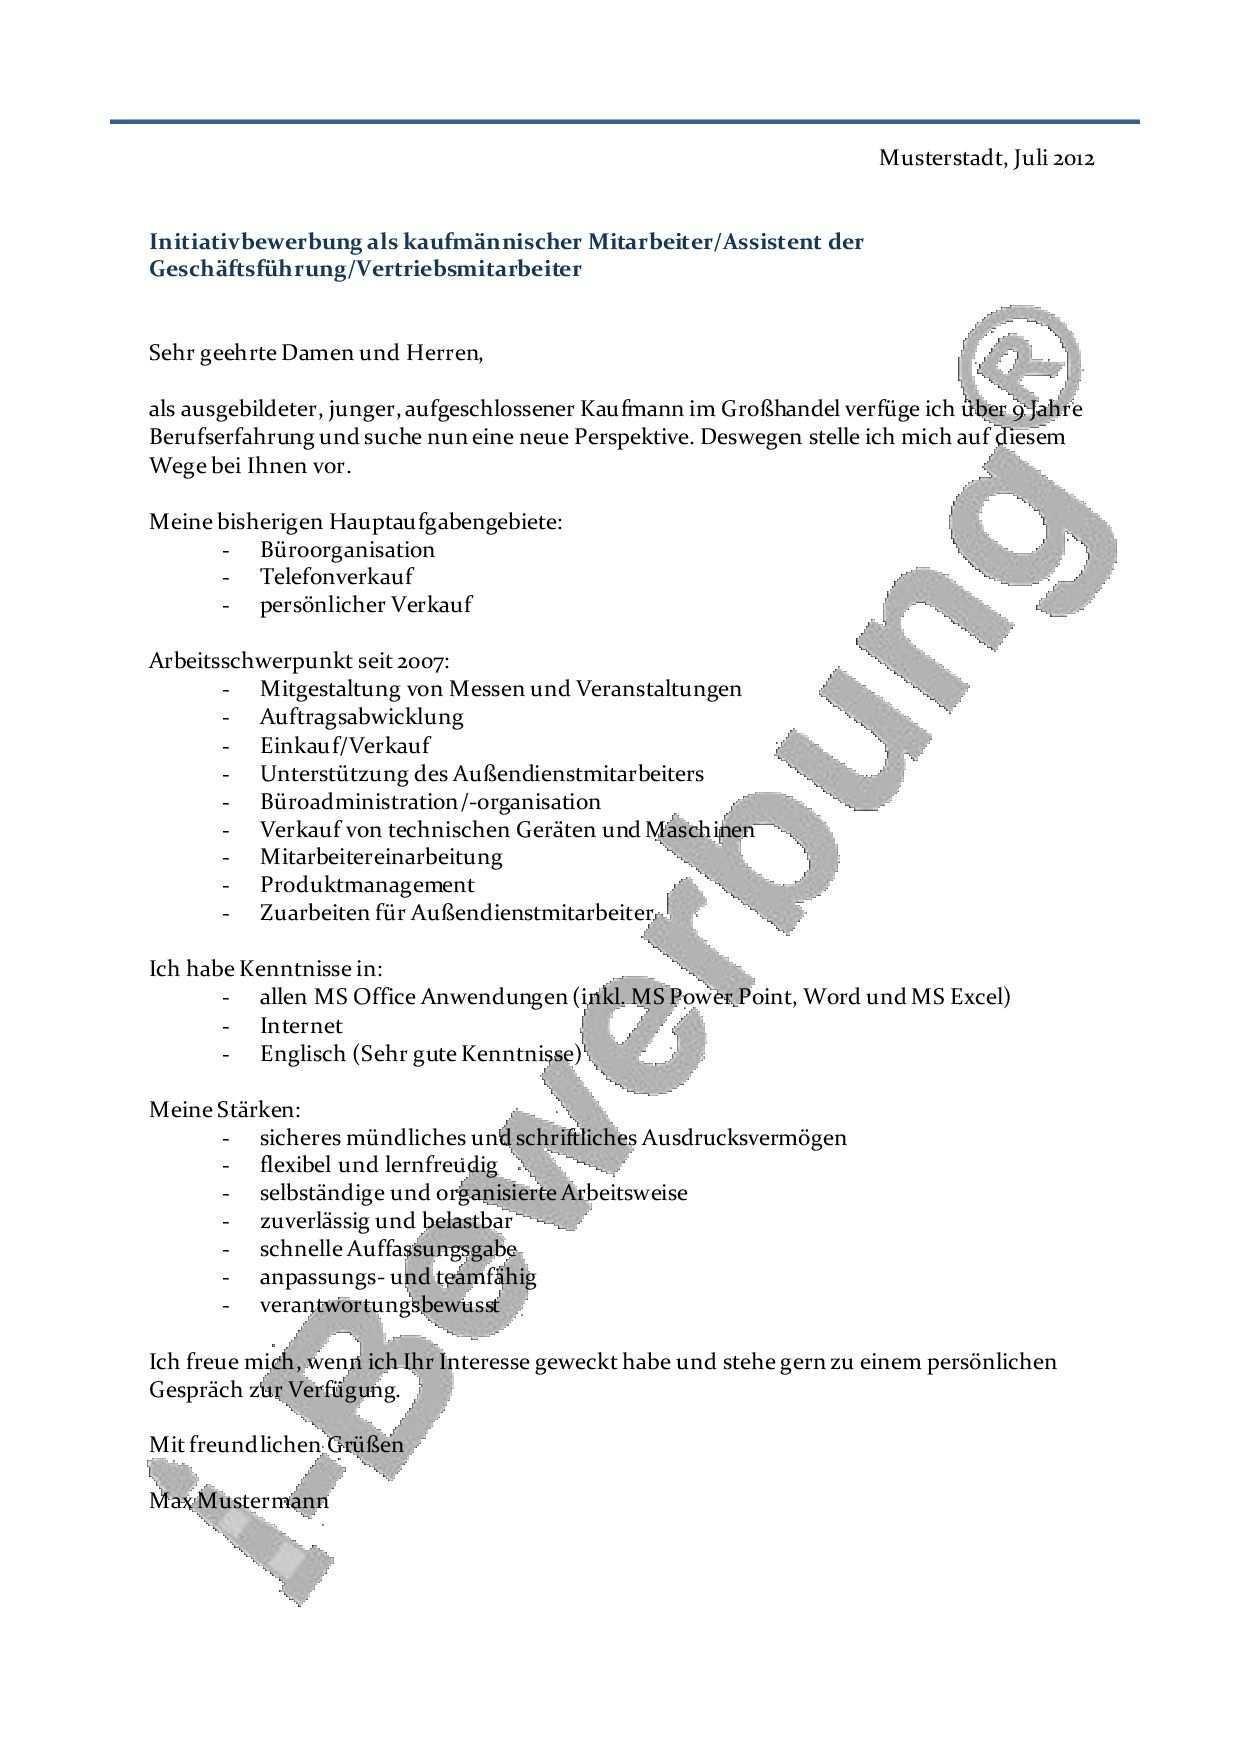 Initiativbewerbung Als Kaufmannischer Angestellter Beispiel Fur Das Anschreiben Bewerbung Schreiben Anschreiben Bewerbung